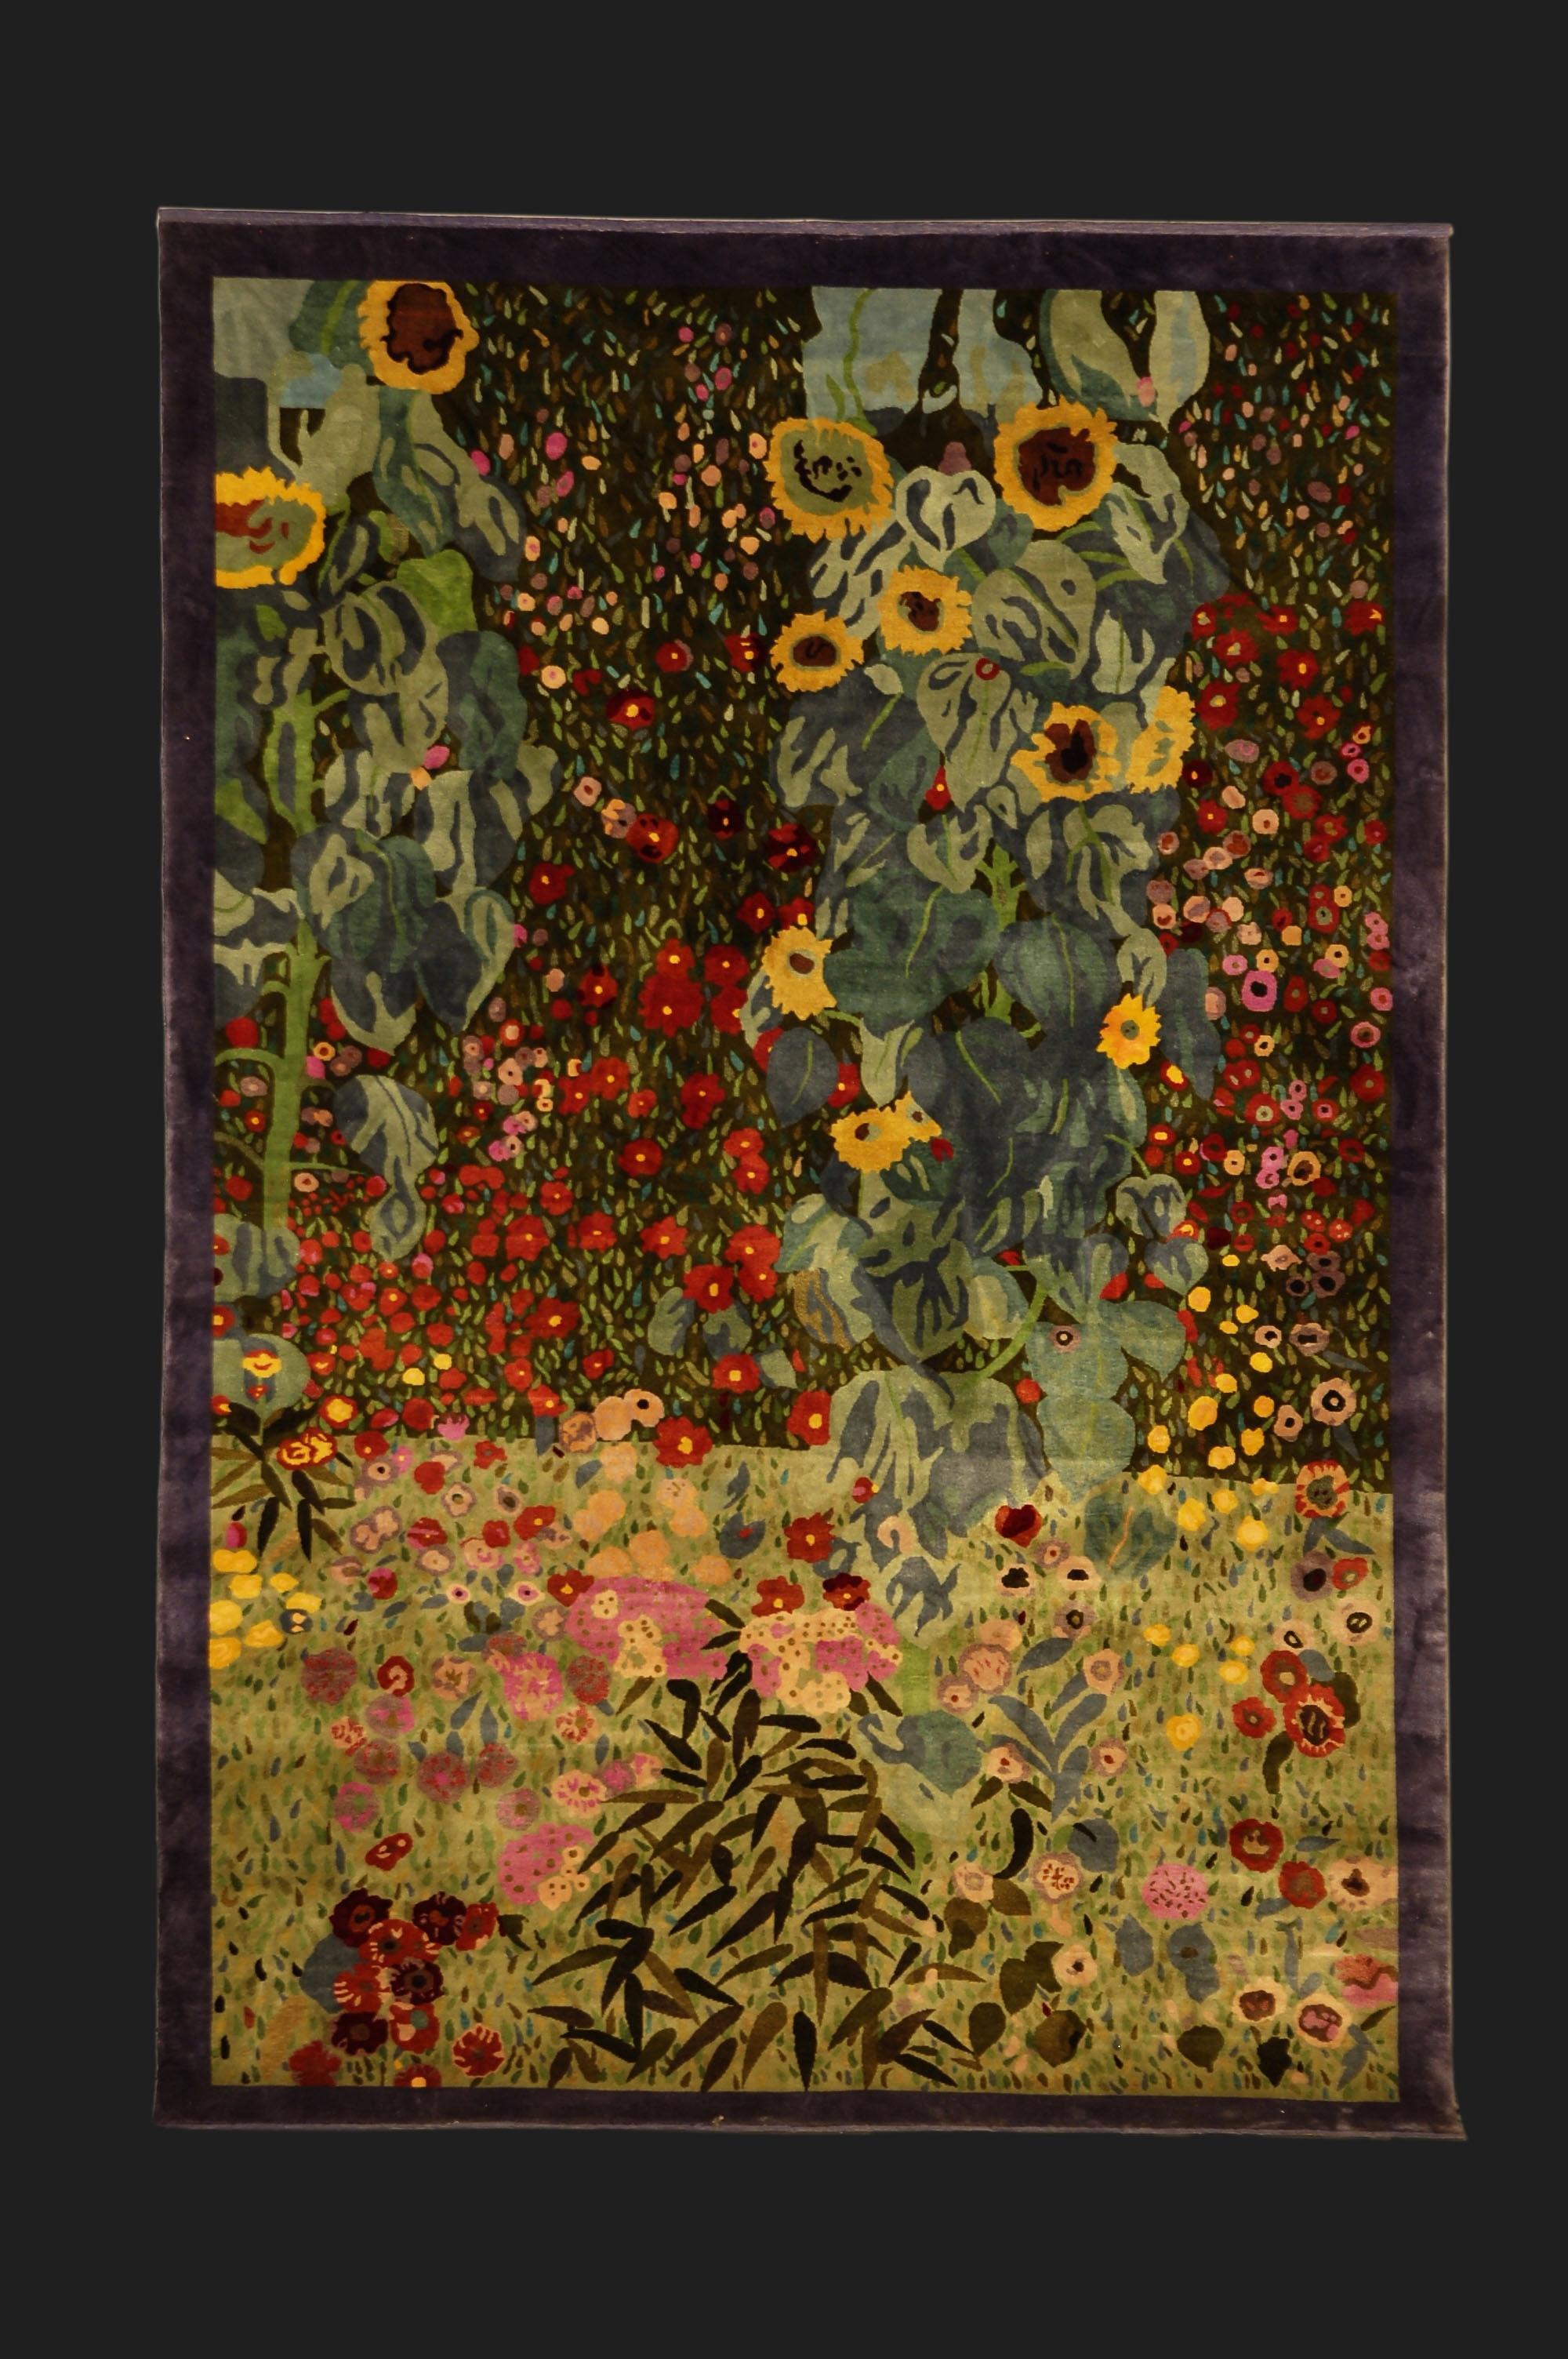 Farmers Garden Silk Carpet For A Painting By Klimt Designer Gunther Lambert